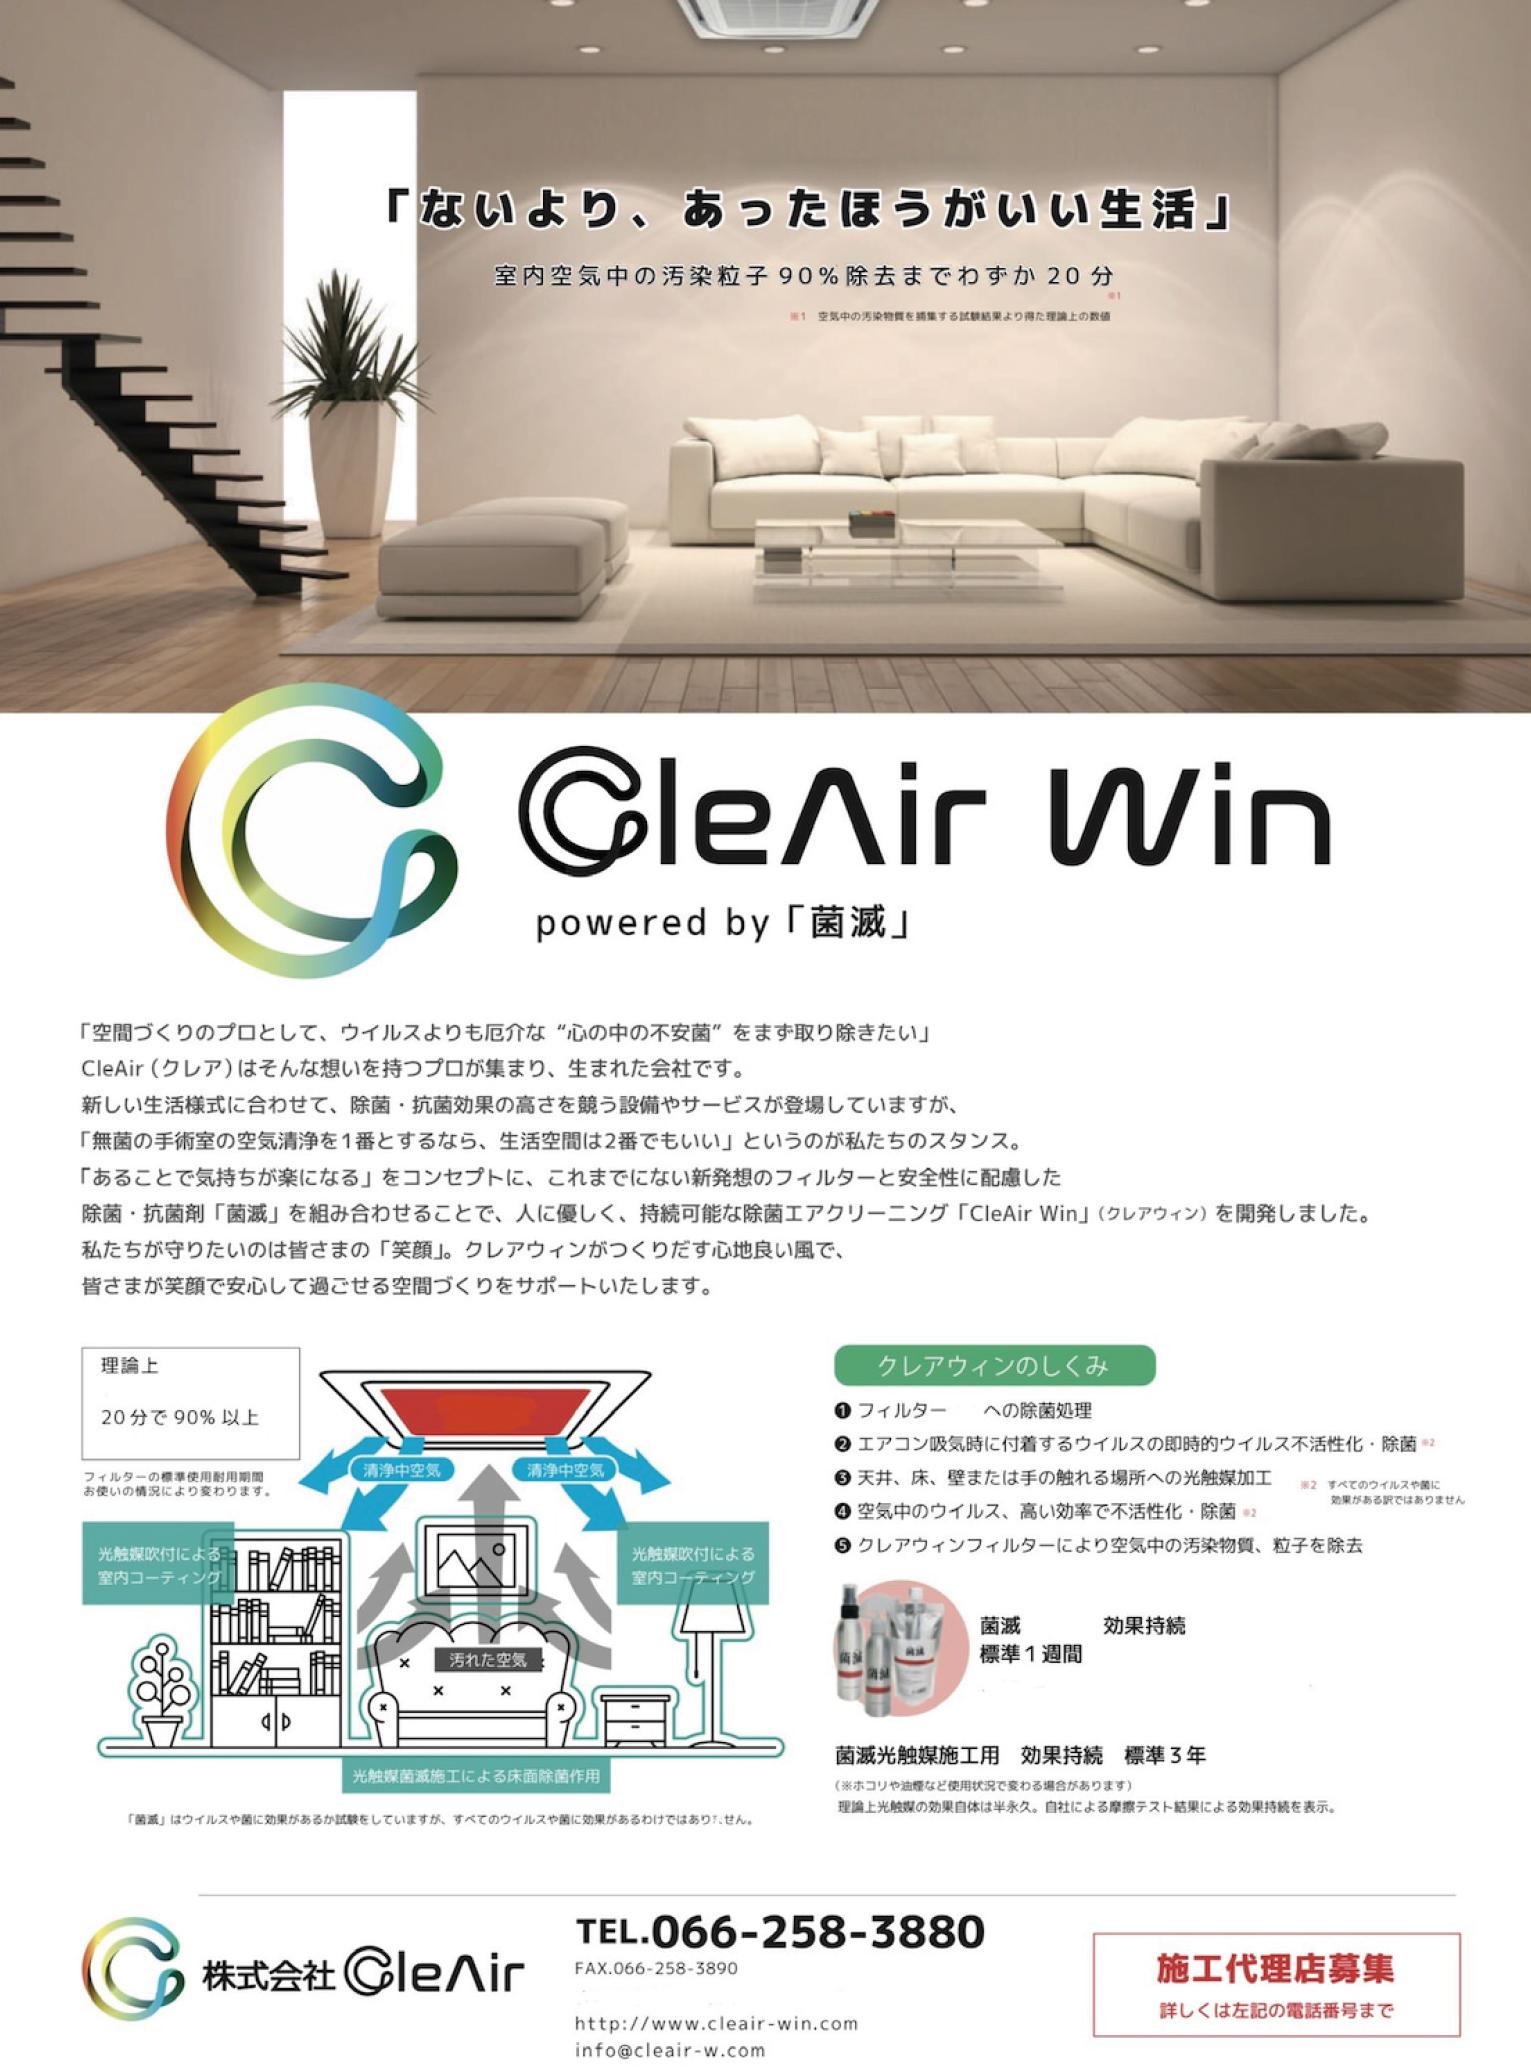 クレアウィン 菌滅 空気清浄化